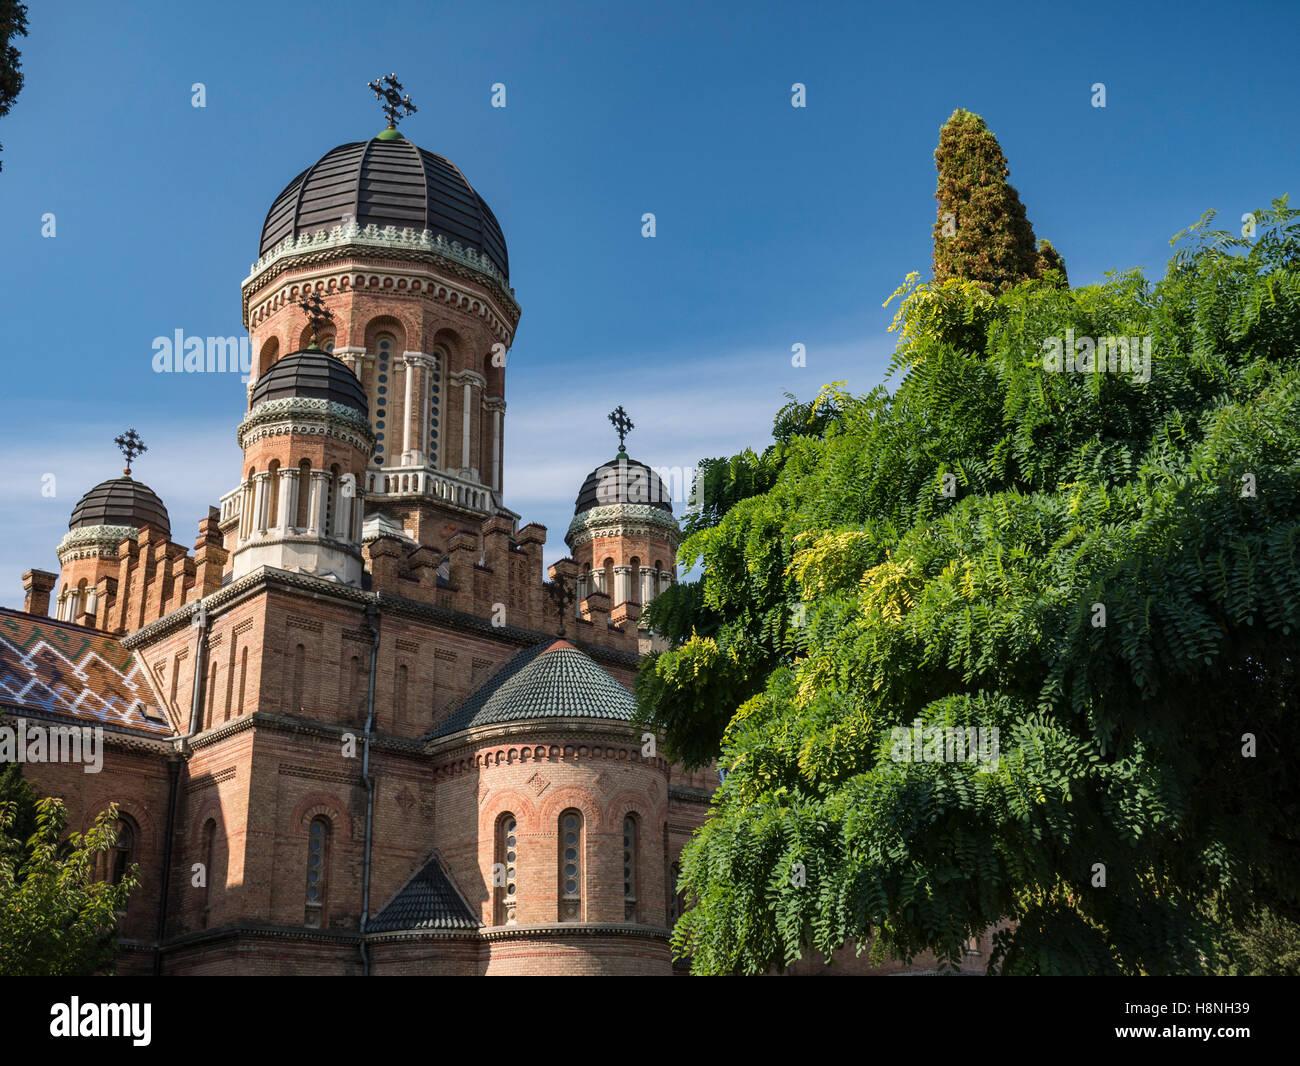 La torre a forma di cupola di chernivtsi National University in chernivtsi ucraina con alberi autunnali Foto Stock